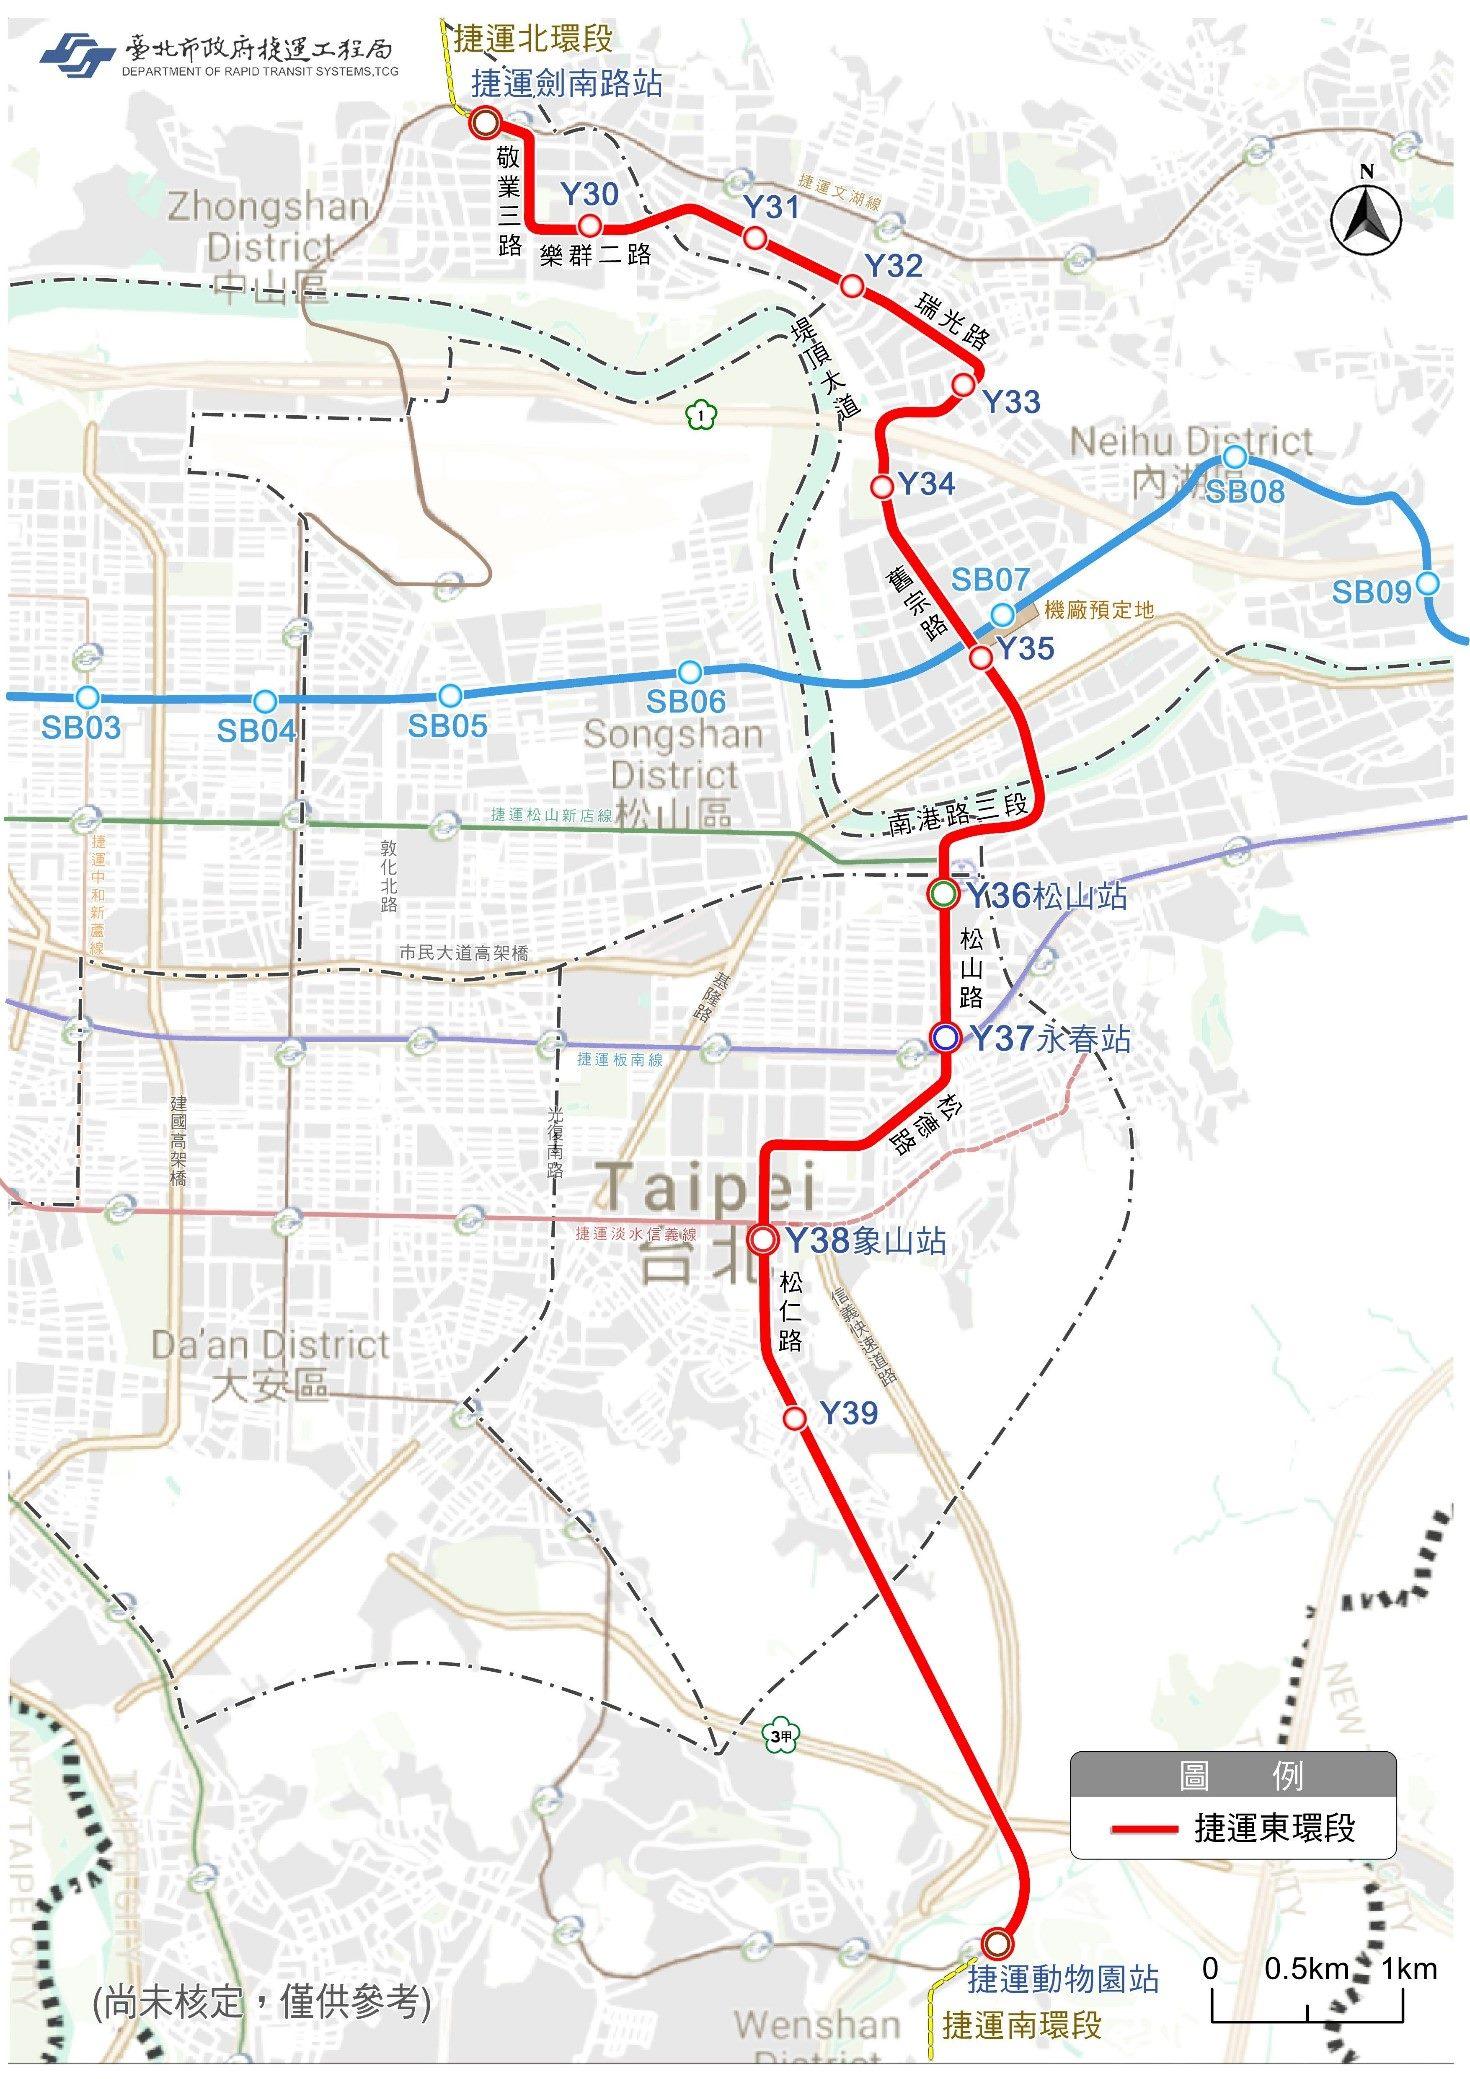 環狀線東環段規劃路線替選方案示意圖